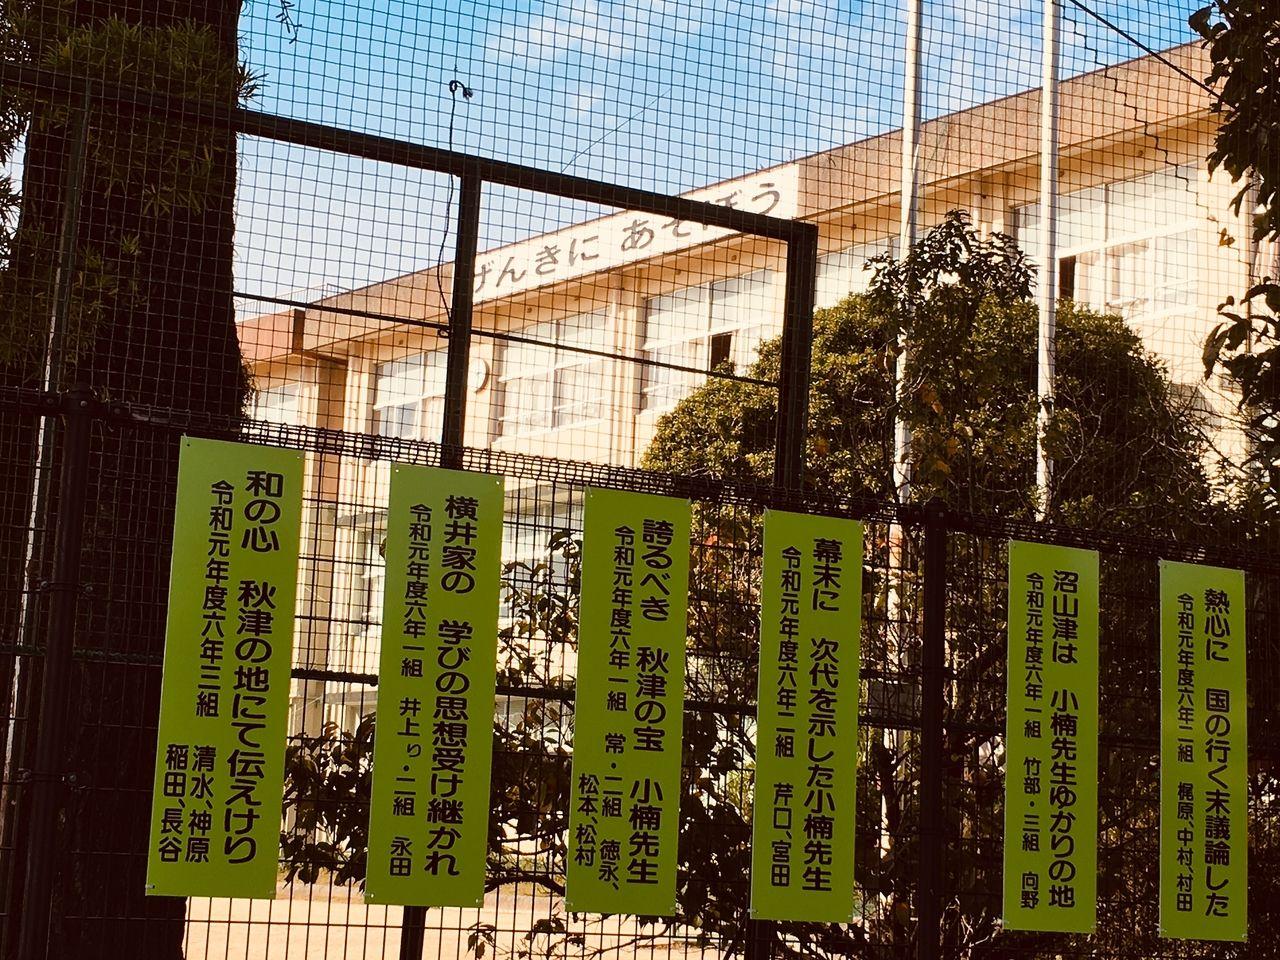 校舎の壁にも標語のある秋津小